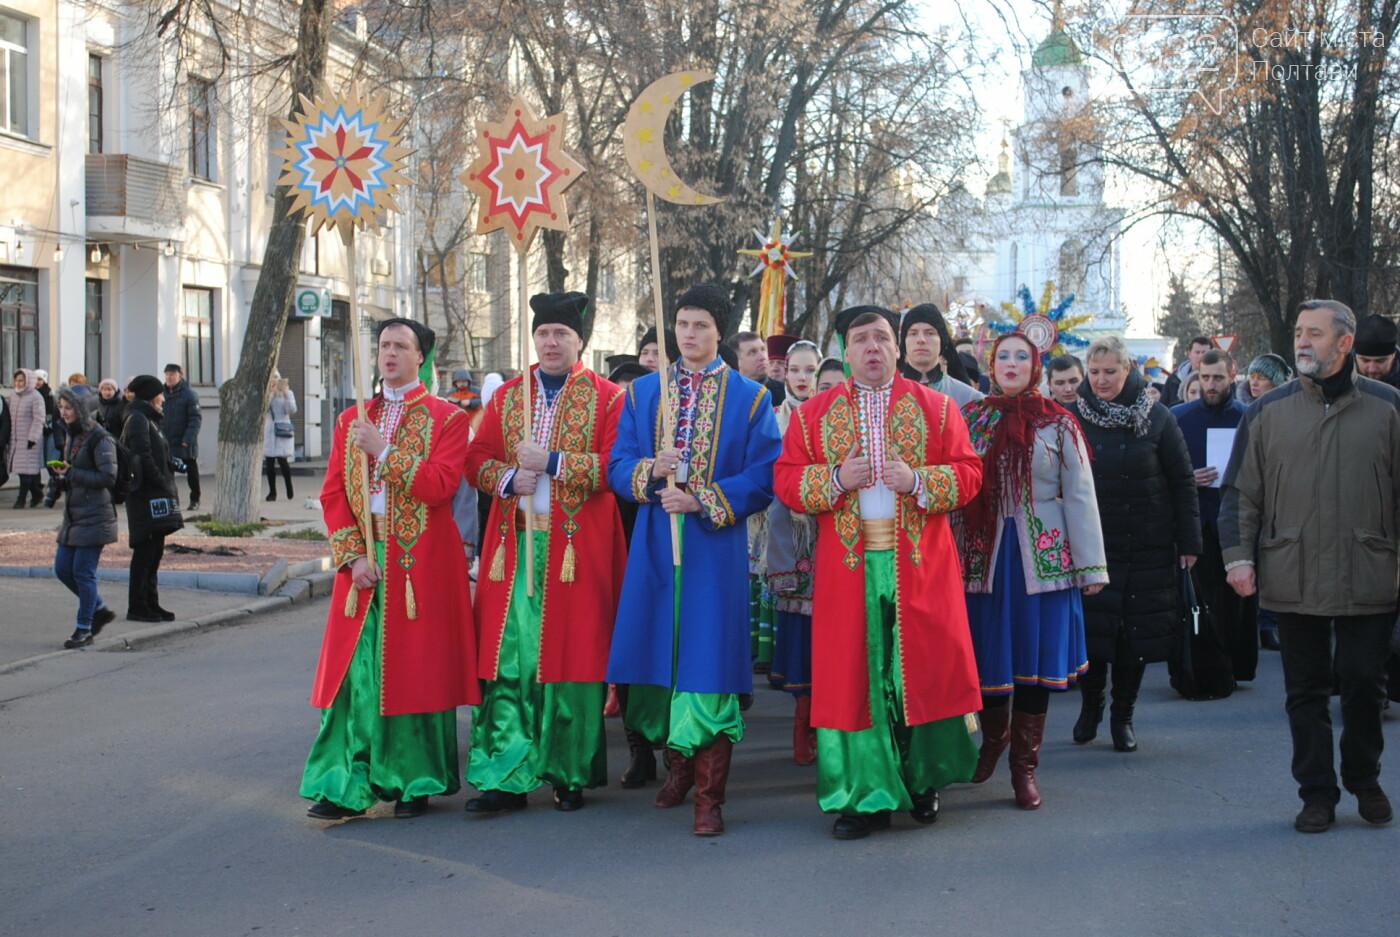 У Полтаві розгорнулося вертепне дійство з колядками та щедрівками «Різдвяна феєрія» (ФОТО), фото-4